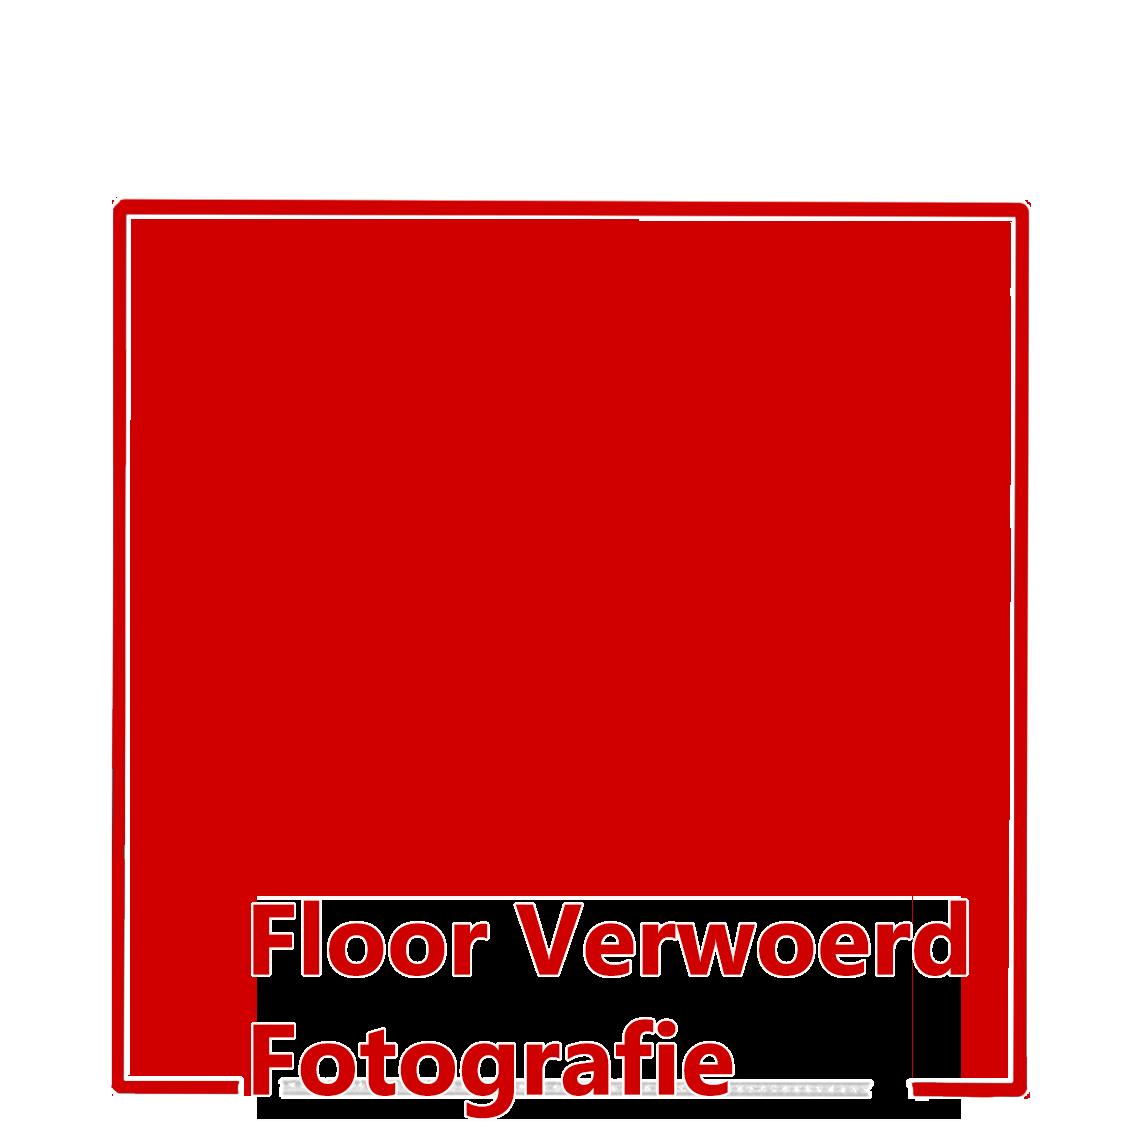 Floor Verwoerd Fotografie